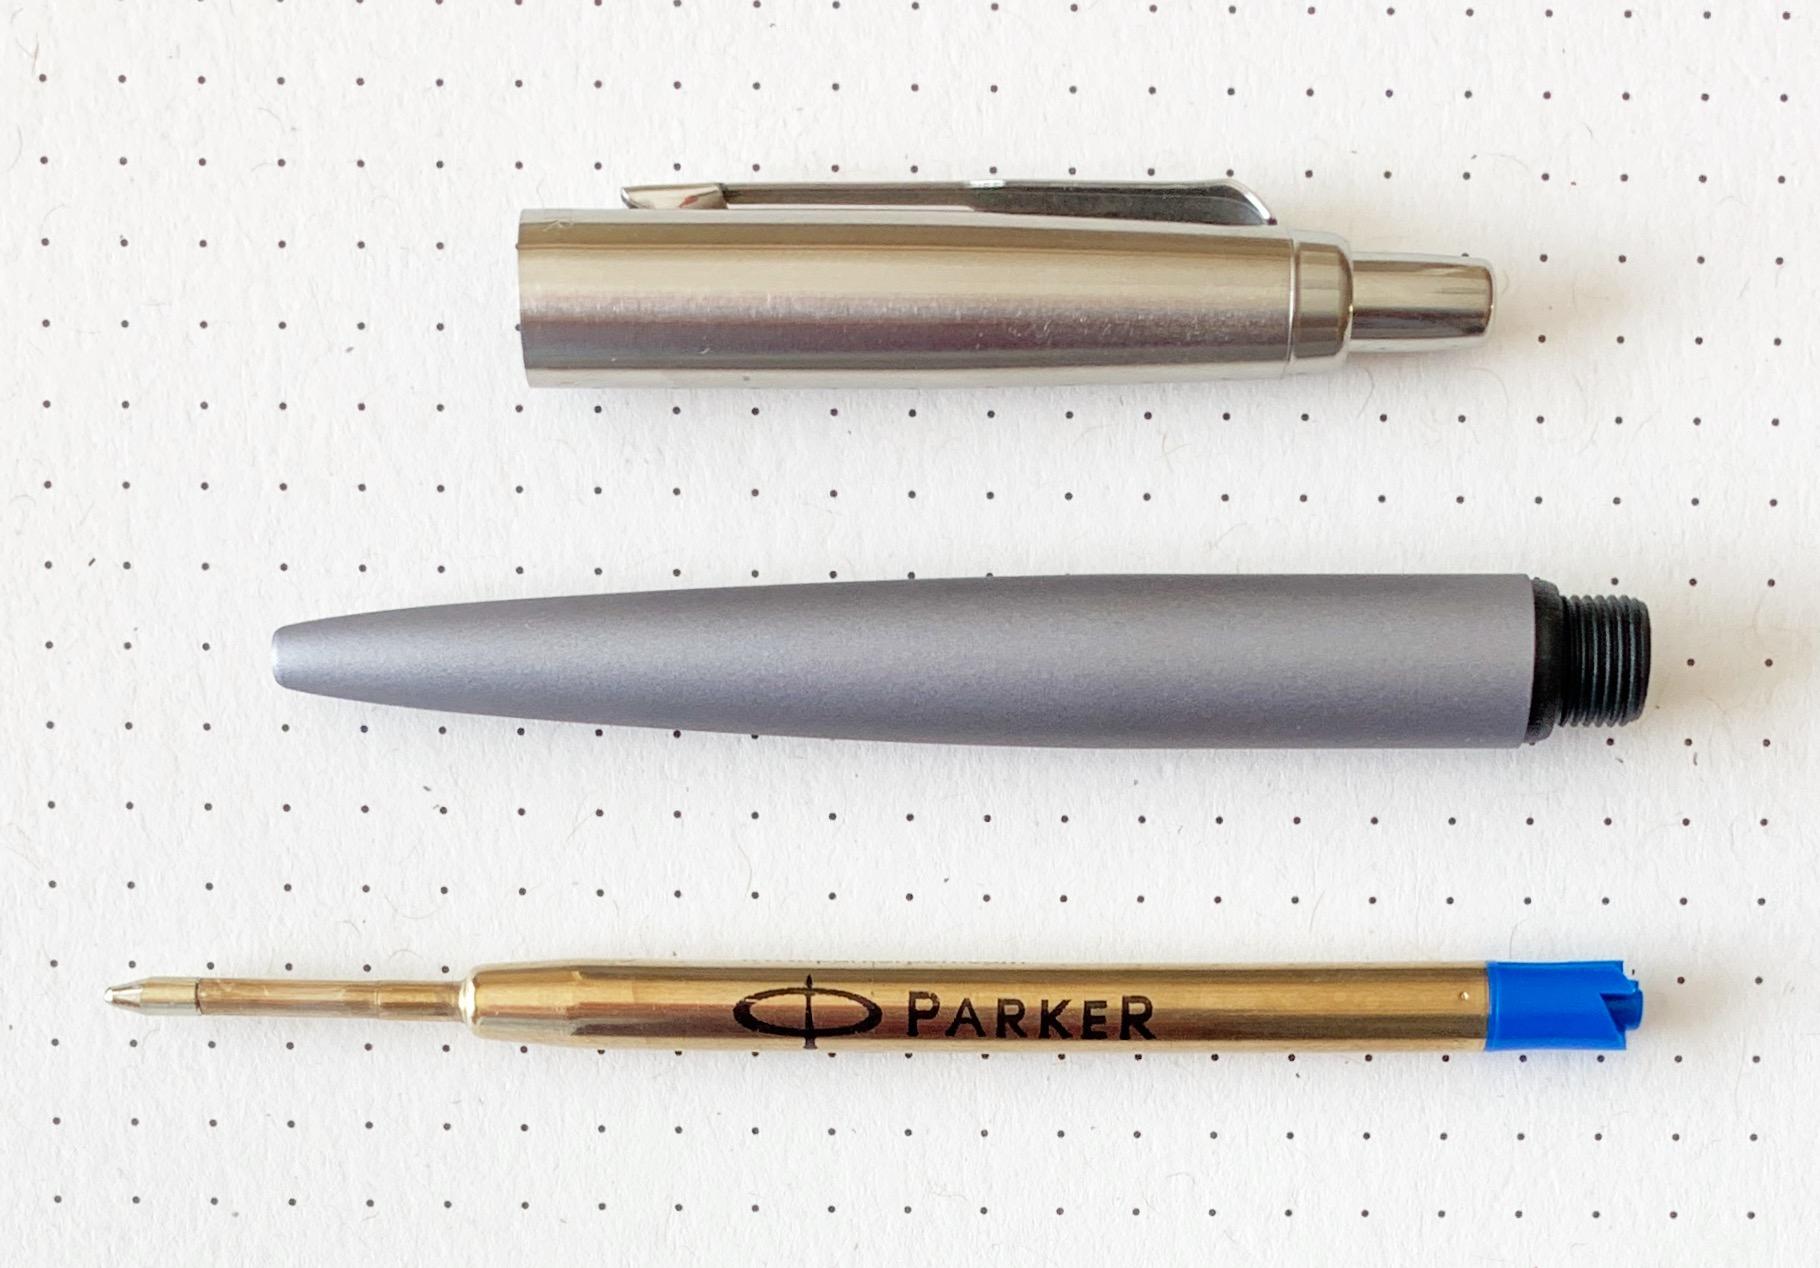 Parker Jotter XL Ballpoint Pen Refill